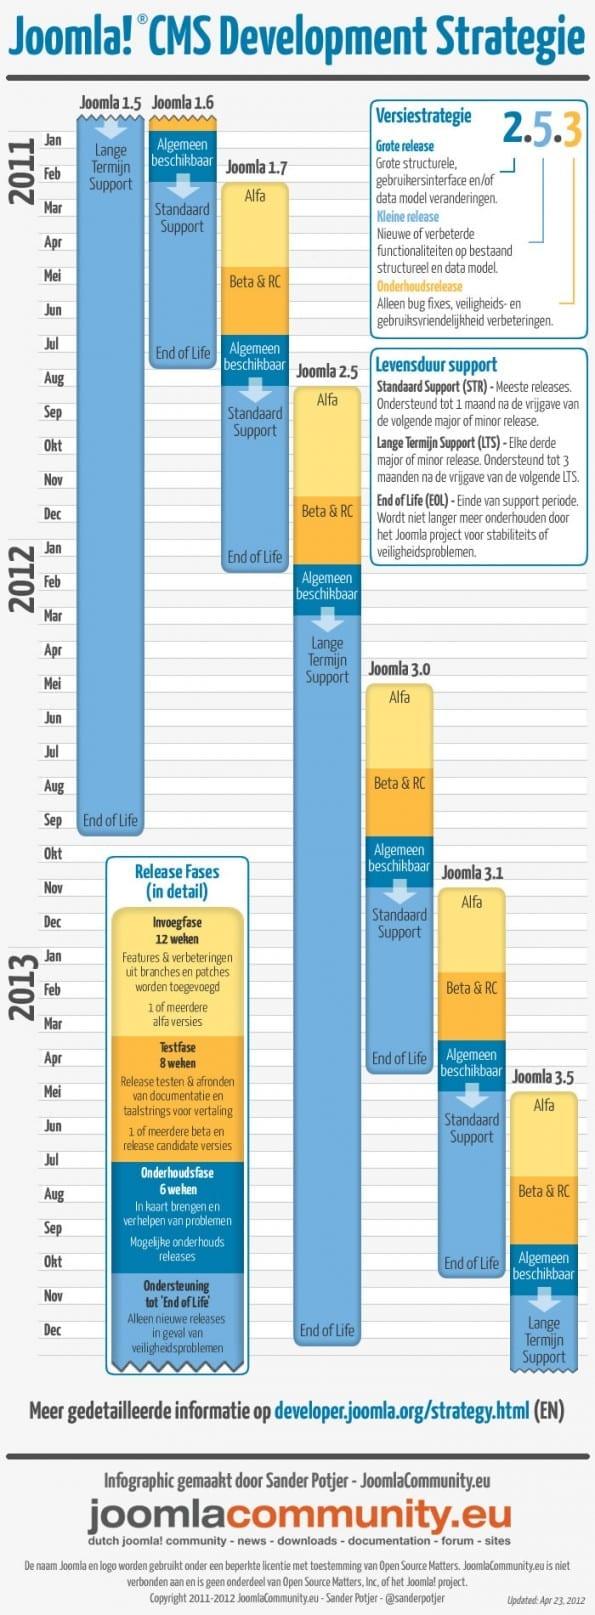 Joomla! ontwikkelstrategie - update april 2012 door Sander Potjer